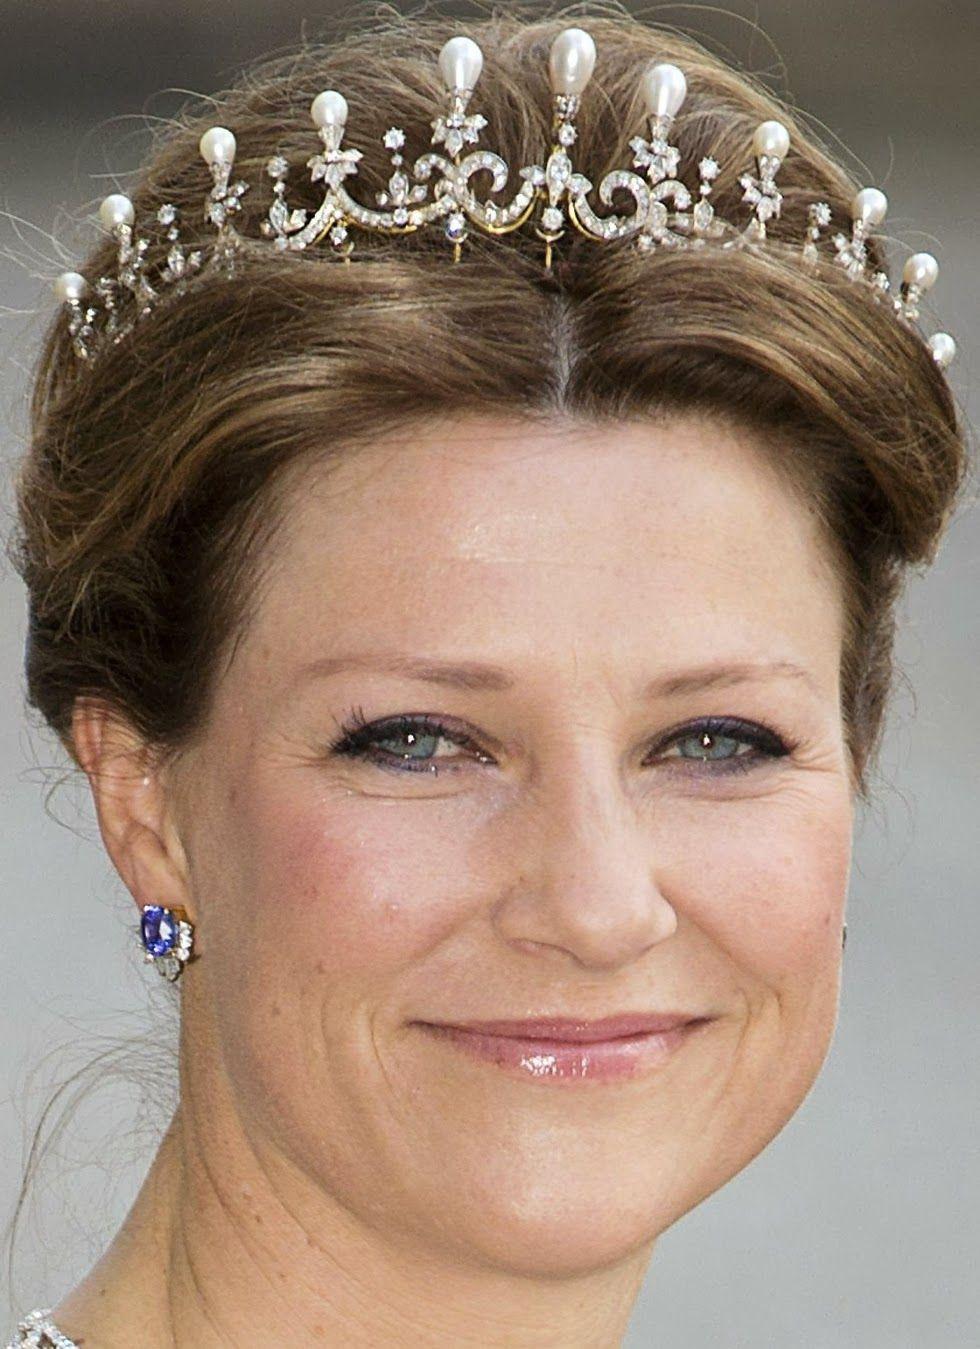 Tiara Mania: Queen Maud of Norway's Pearl & Diamond Tiara ...